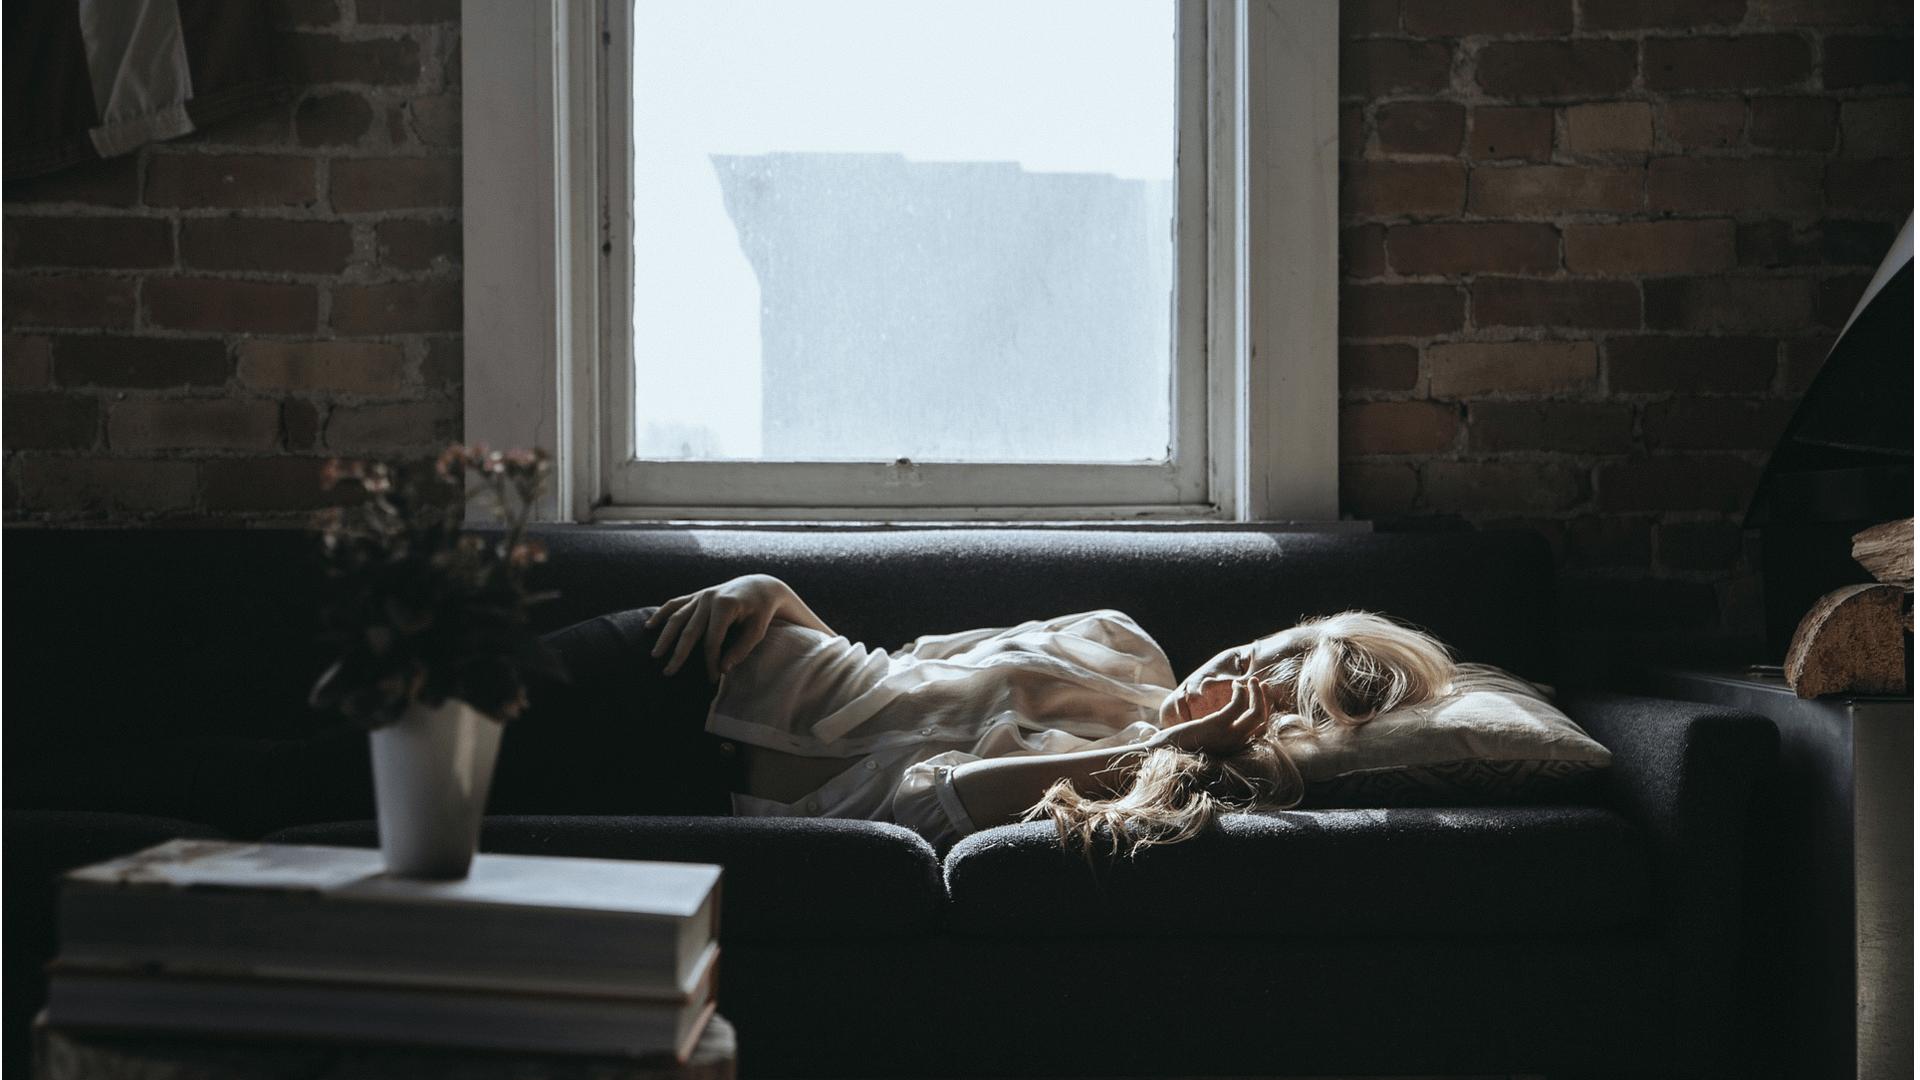 Bedürfnis am Mittagsschlaf bis zu welchen Alter